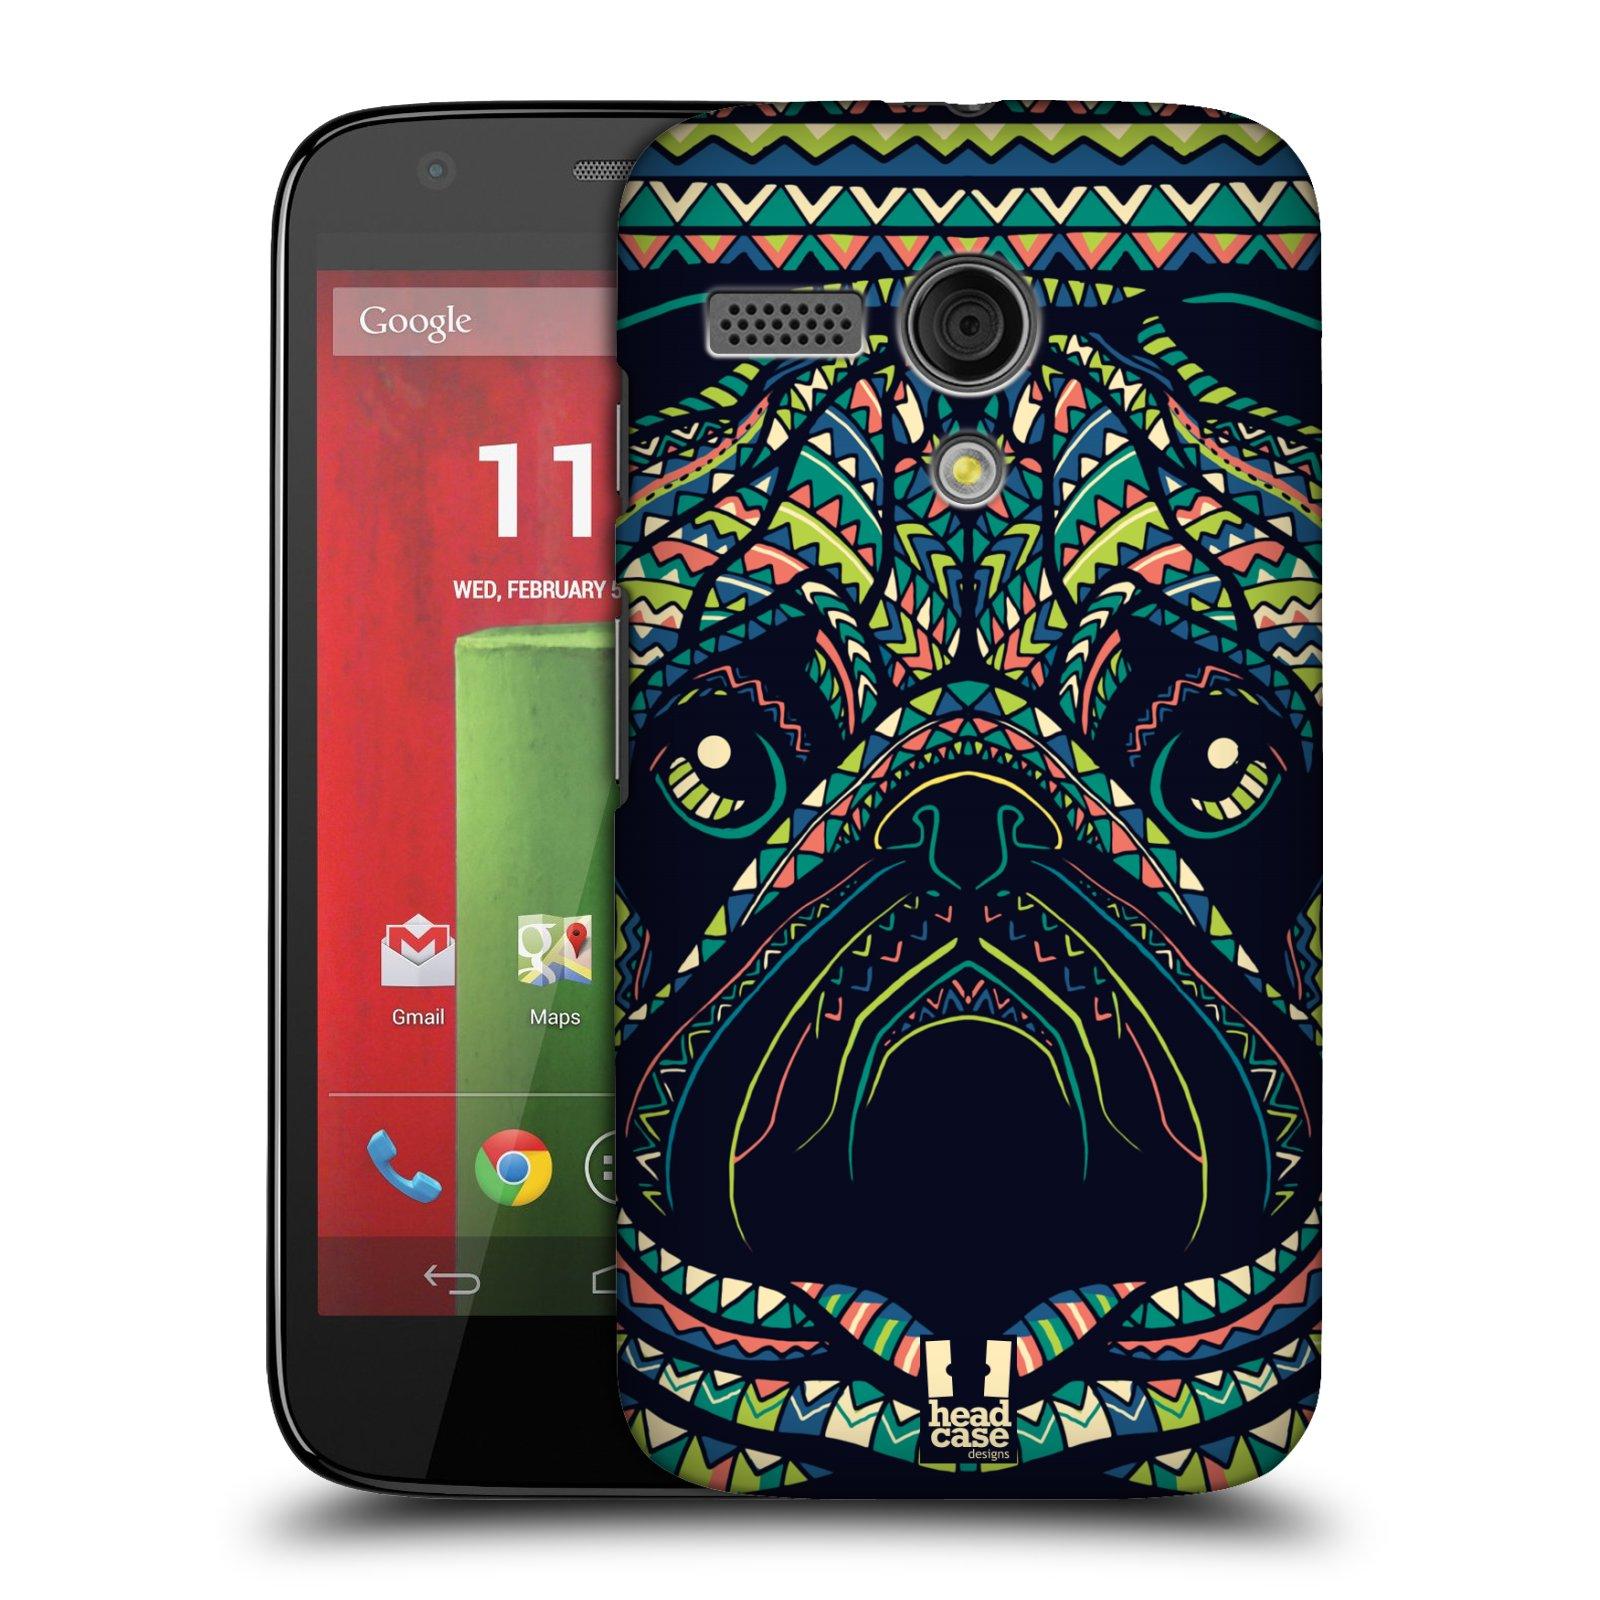 Plastové pouzdro na mobil Motorola Moto G HEAD CASE AZTEC MOPS (Kryt či obal na mobilní telefon Motorola Moto G)